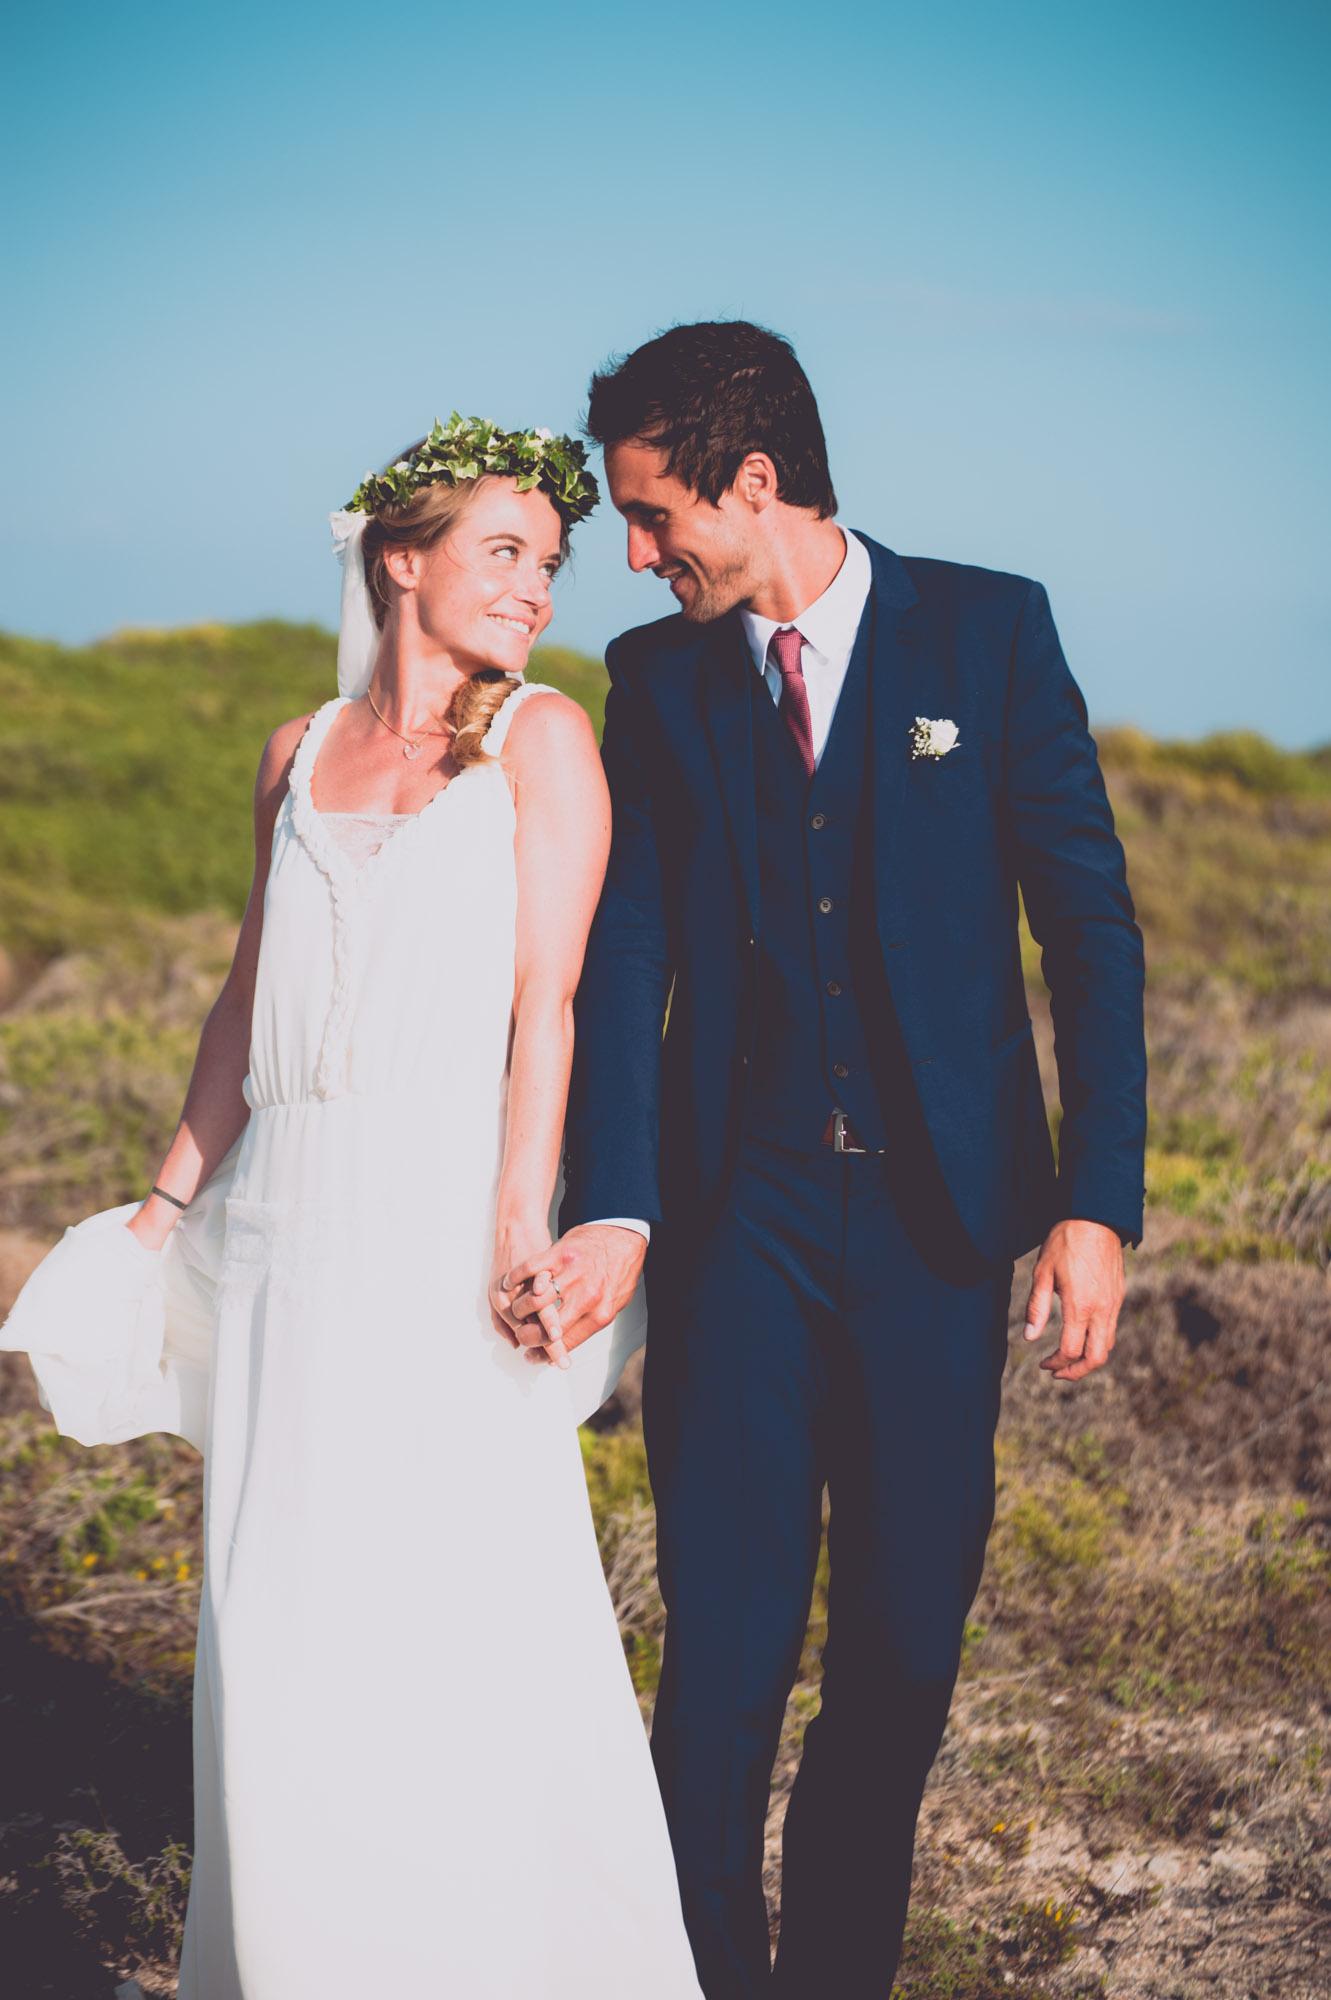 Photographe mariage bohème chic Corse Bonifacio - C et A (71)